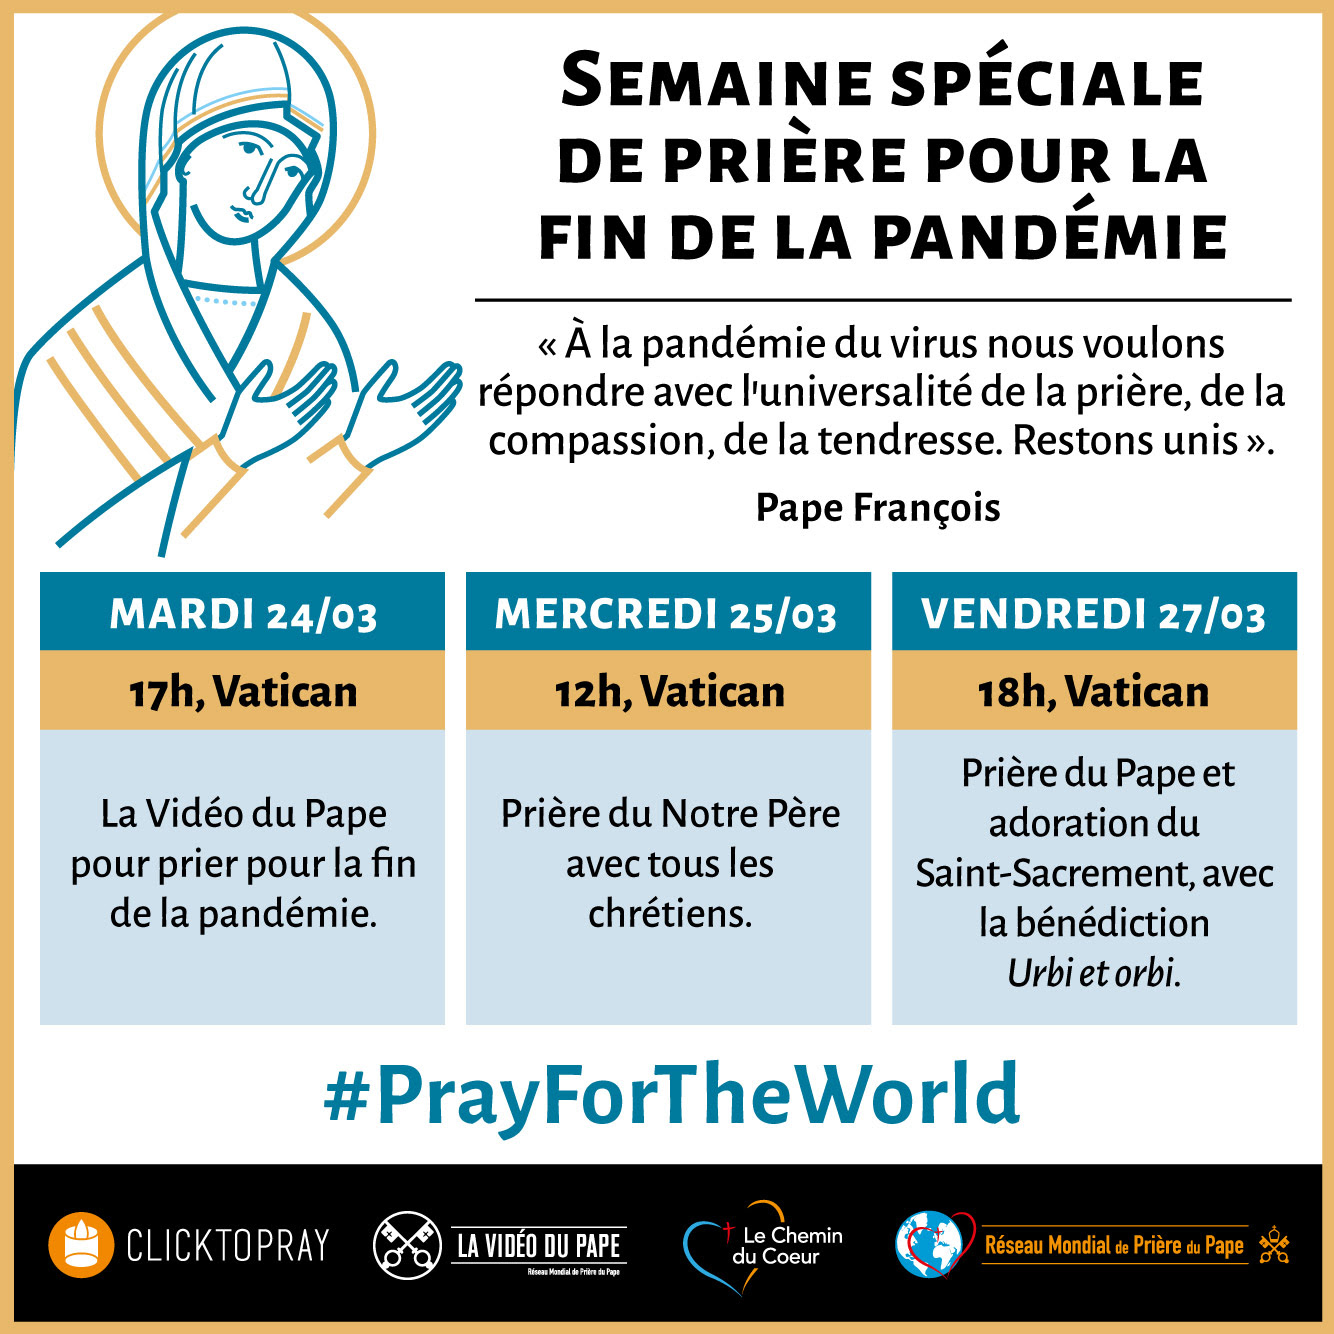 Semaine spéciale de prière pour la fin de la pandémie, 25 mars 2020